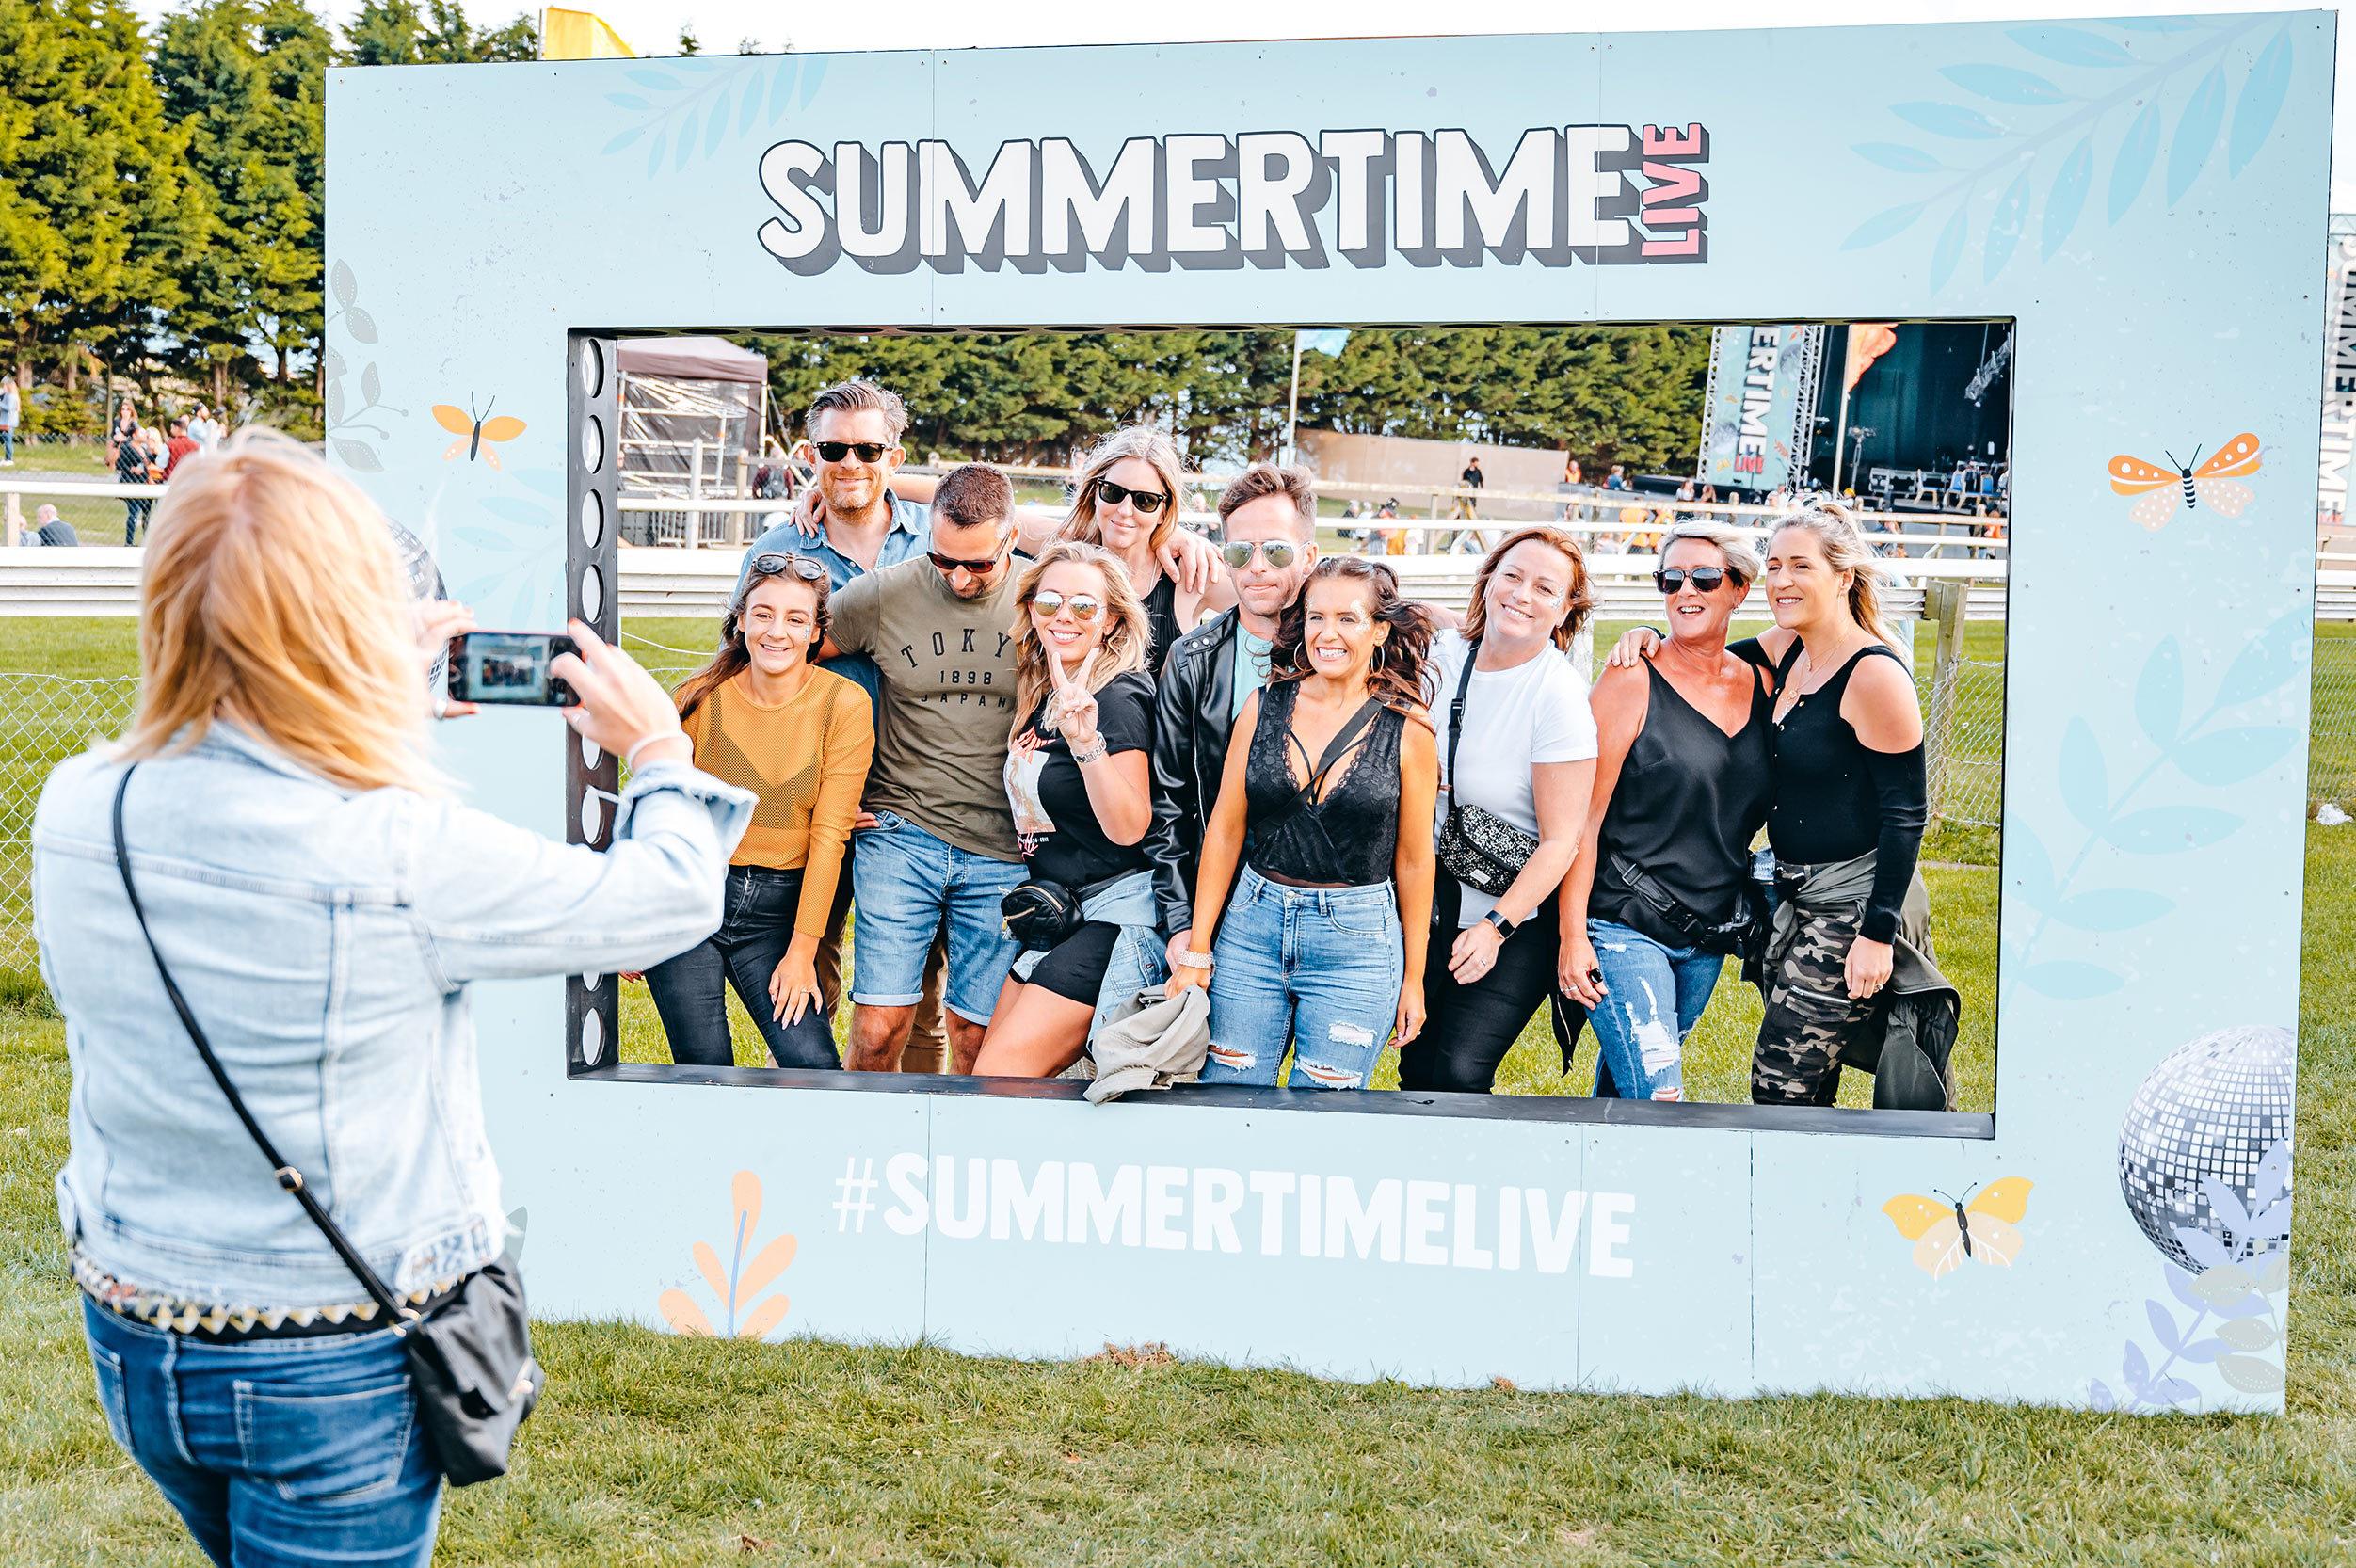 Summertime live 2